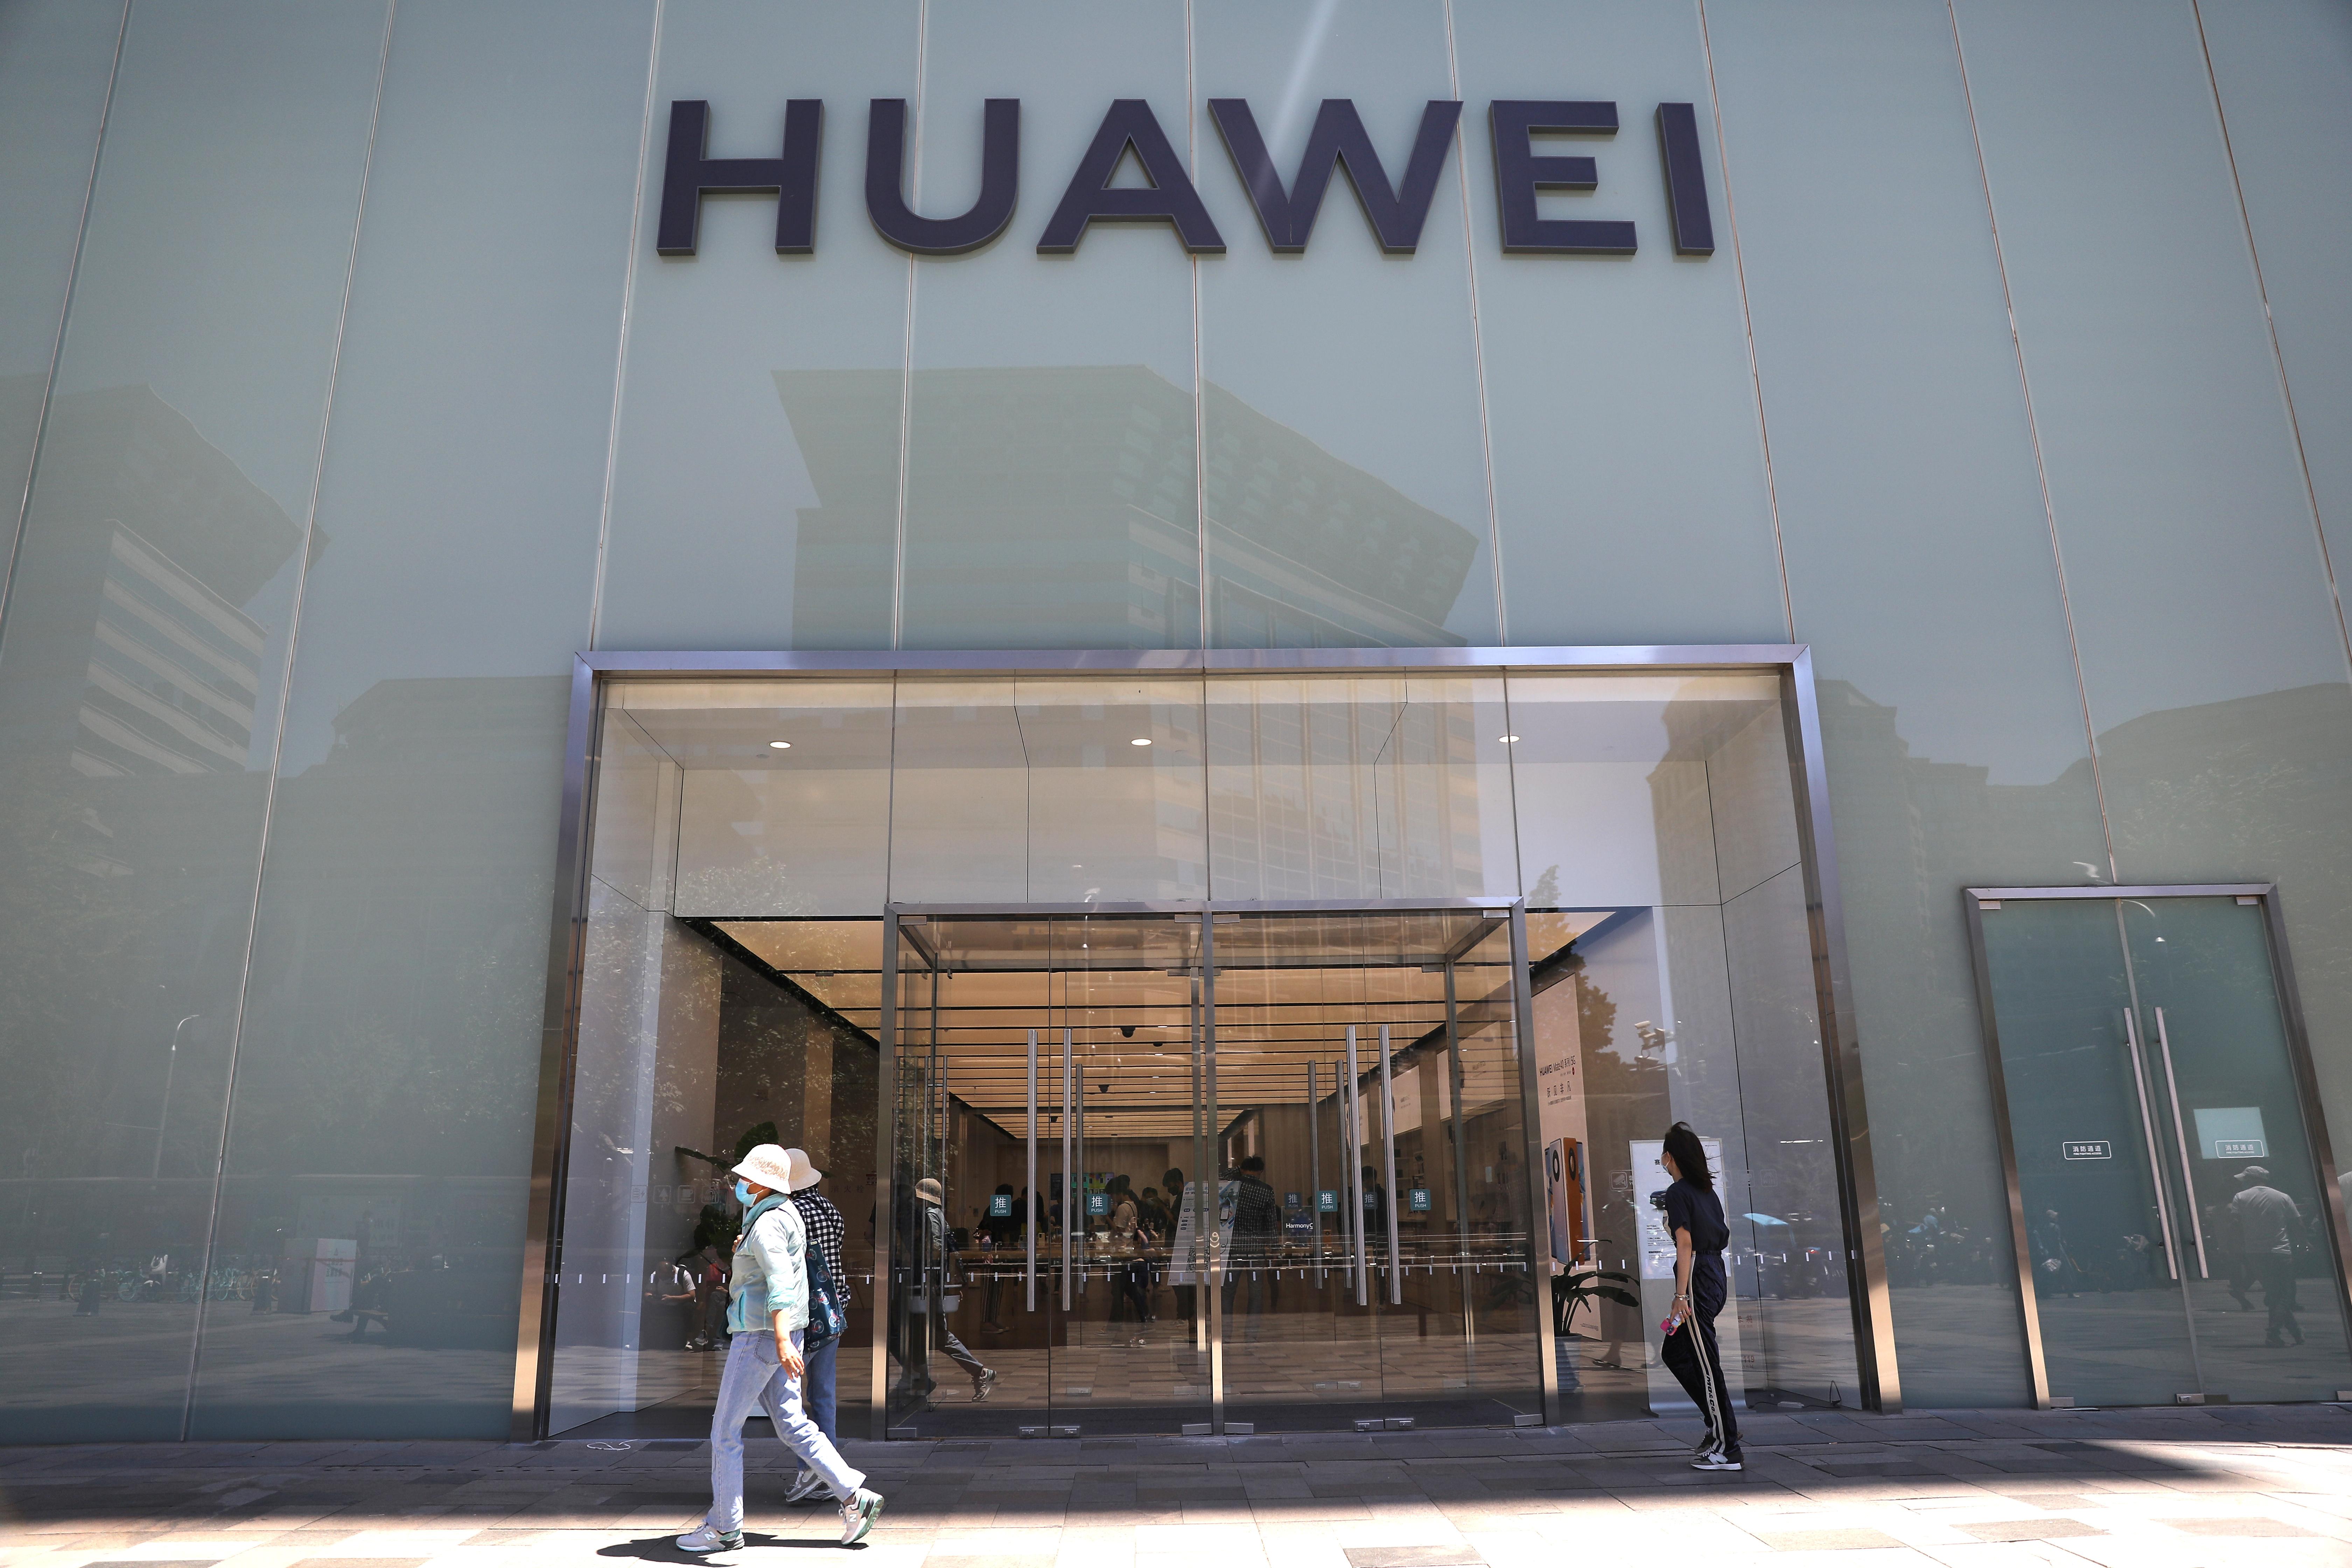 People walk past a Huawei store in Beijing, China June 3, 2021. REUTERS/Tingshu Wang